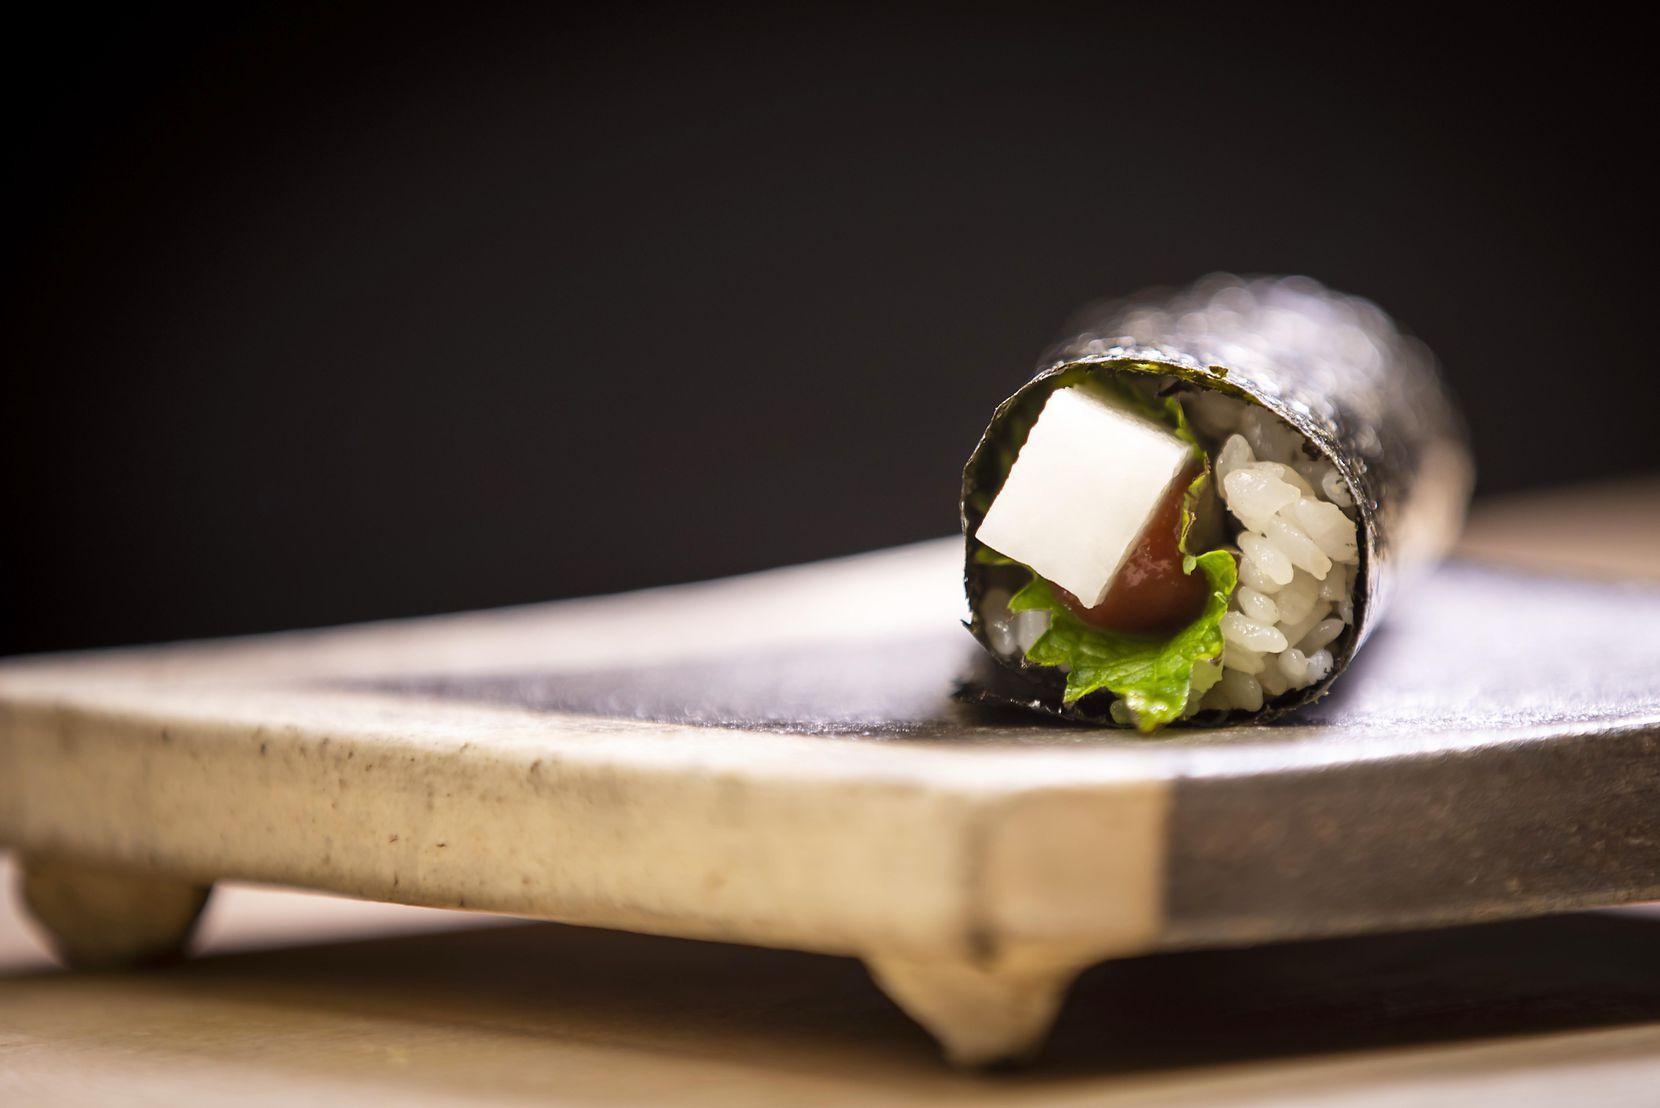 Yamaimo hand roll at Nori Handroll Bar